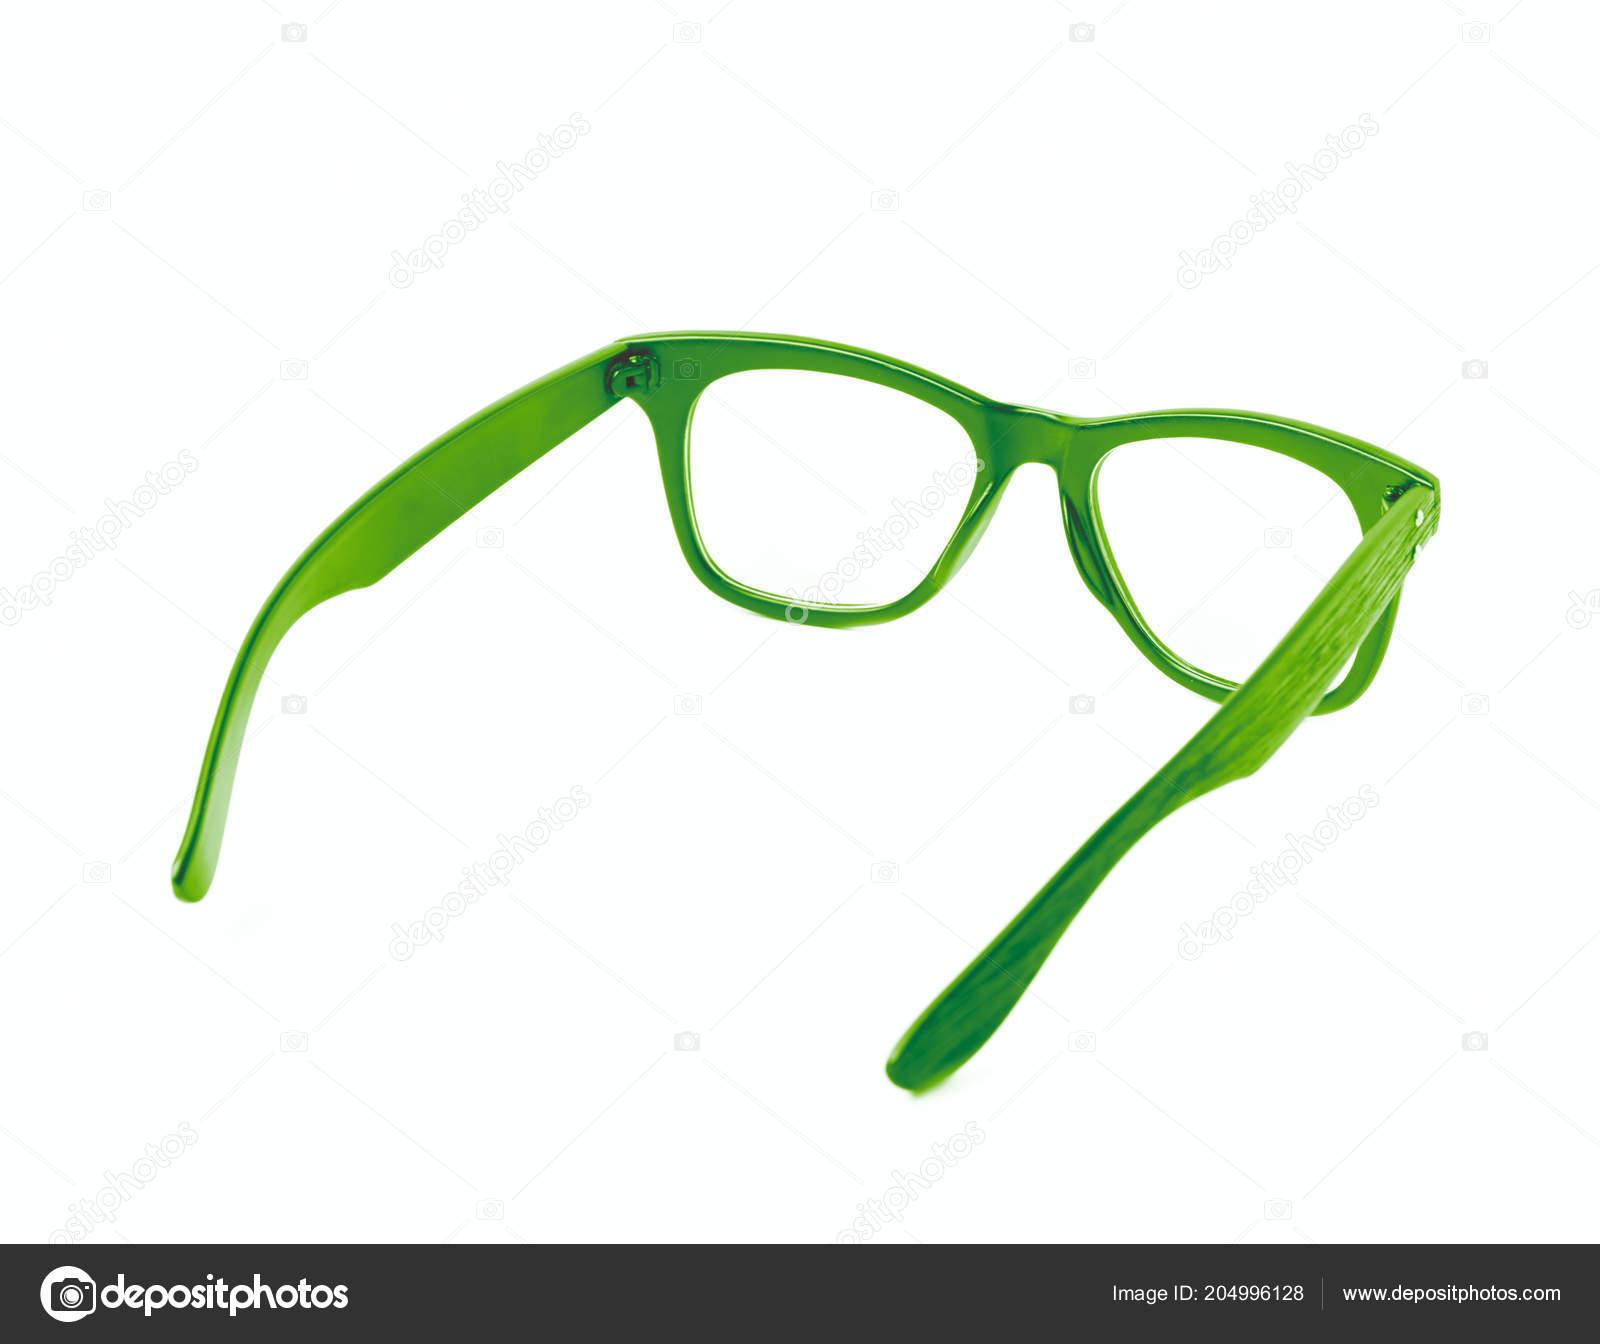 fa5eb8603927af Optische bril geïsoleerd — Stockfoto © nbvf89  204996128